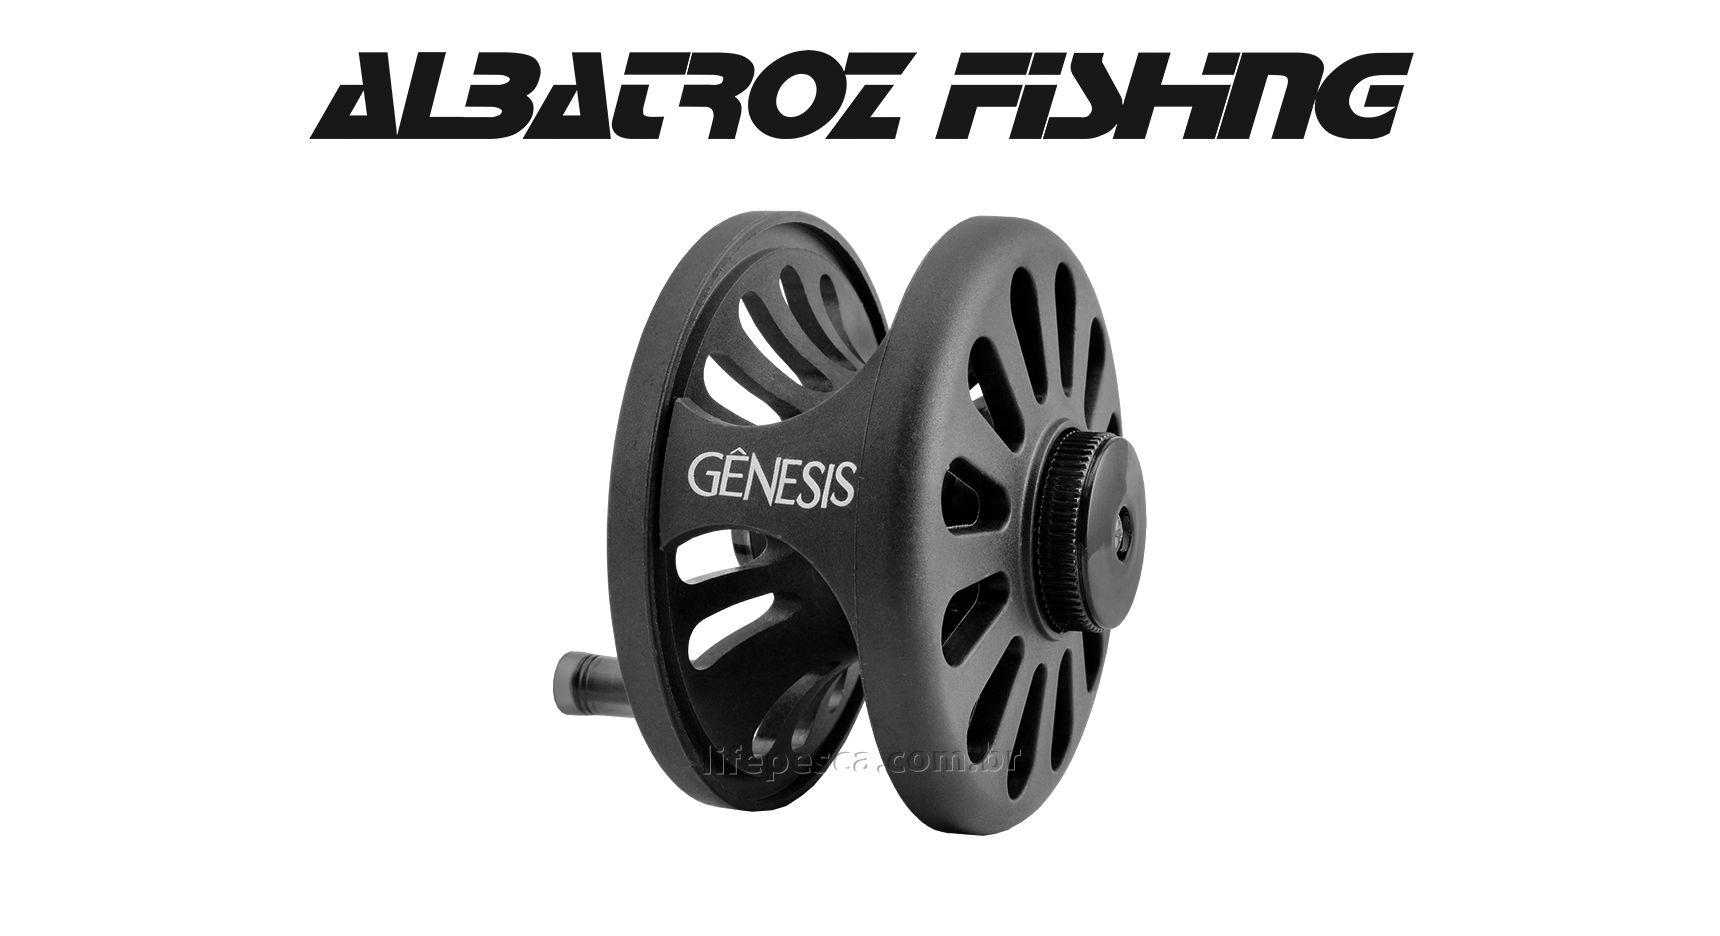 Carretilha Gênesis 6/8 (85mm) Fly Fishing - Albatroz Fishing